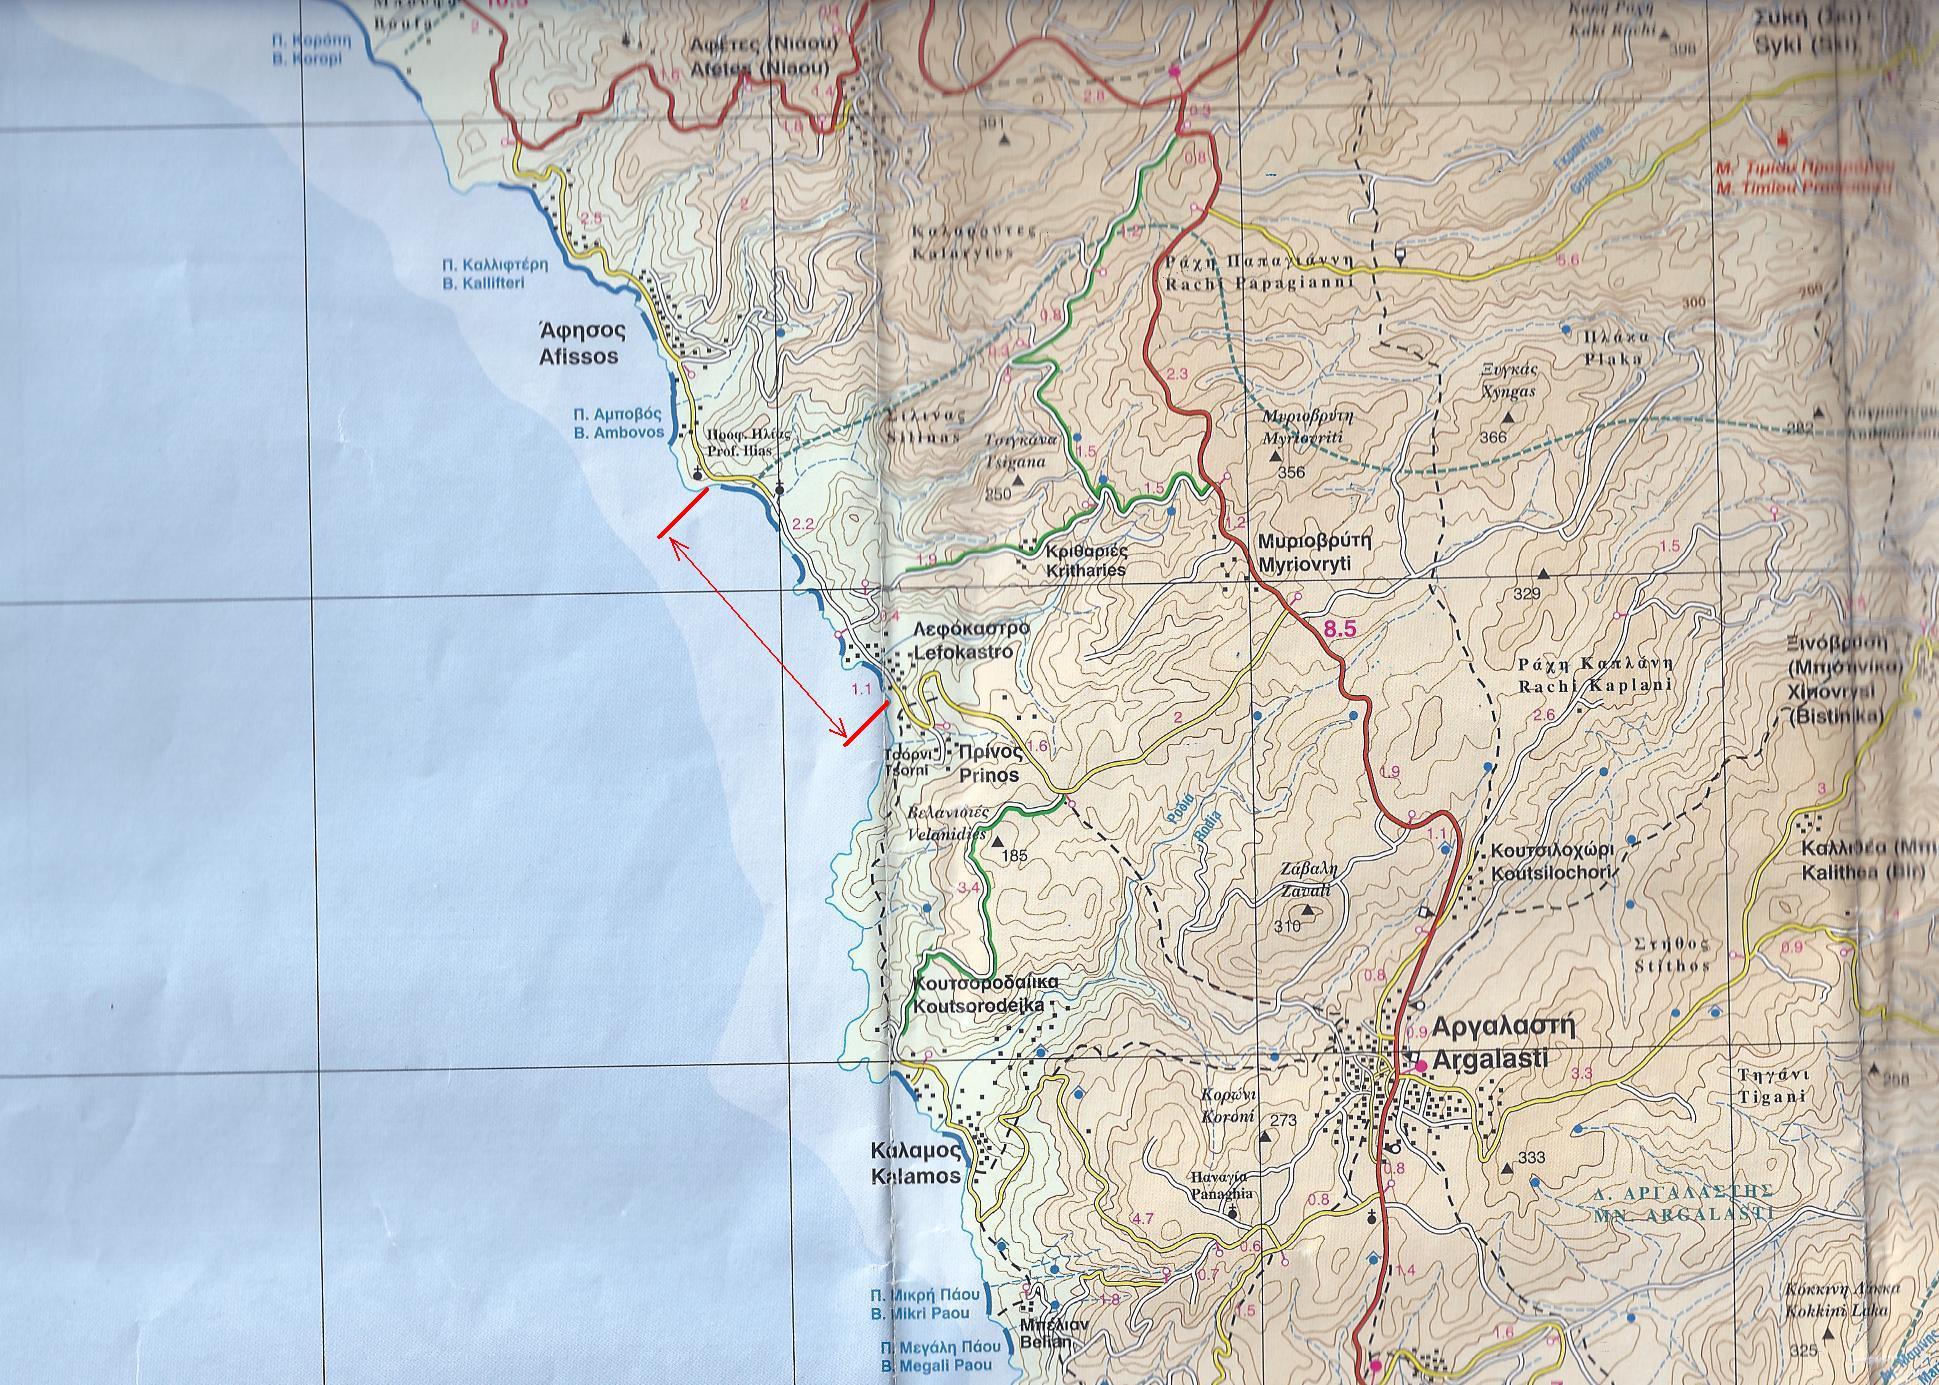 карта лефокастро